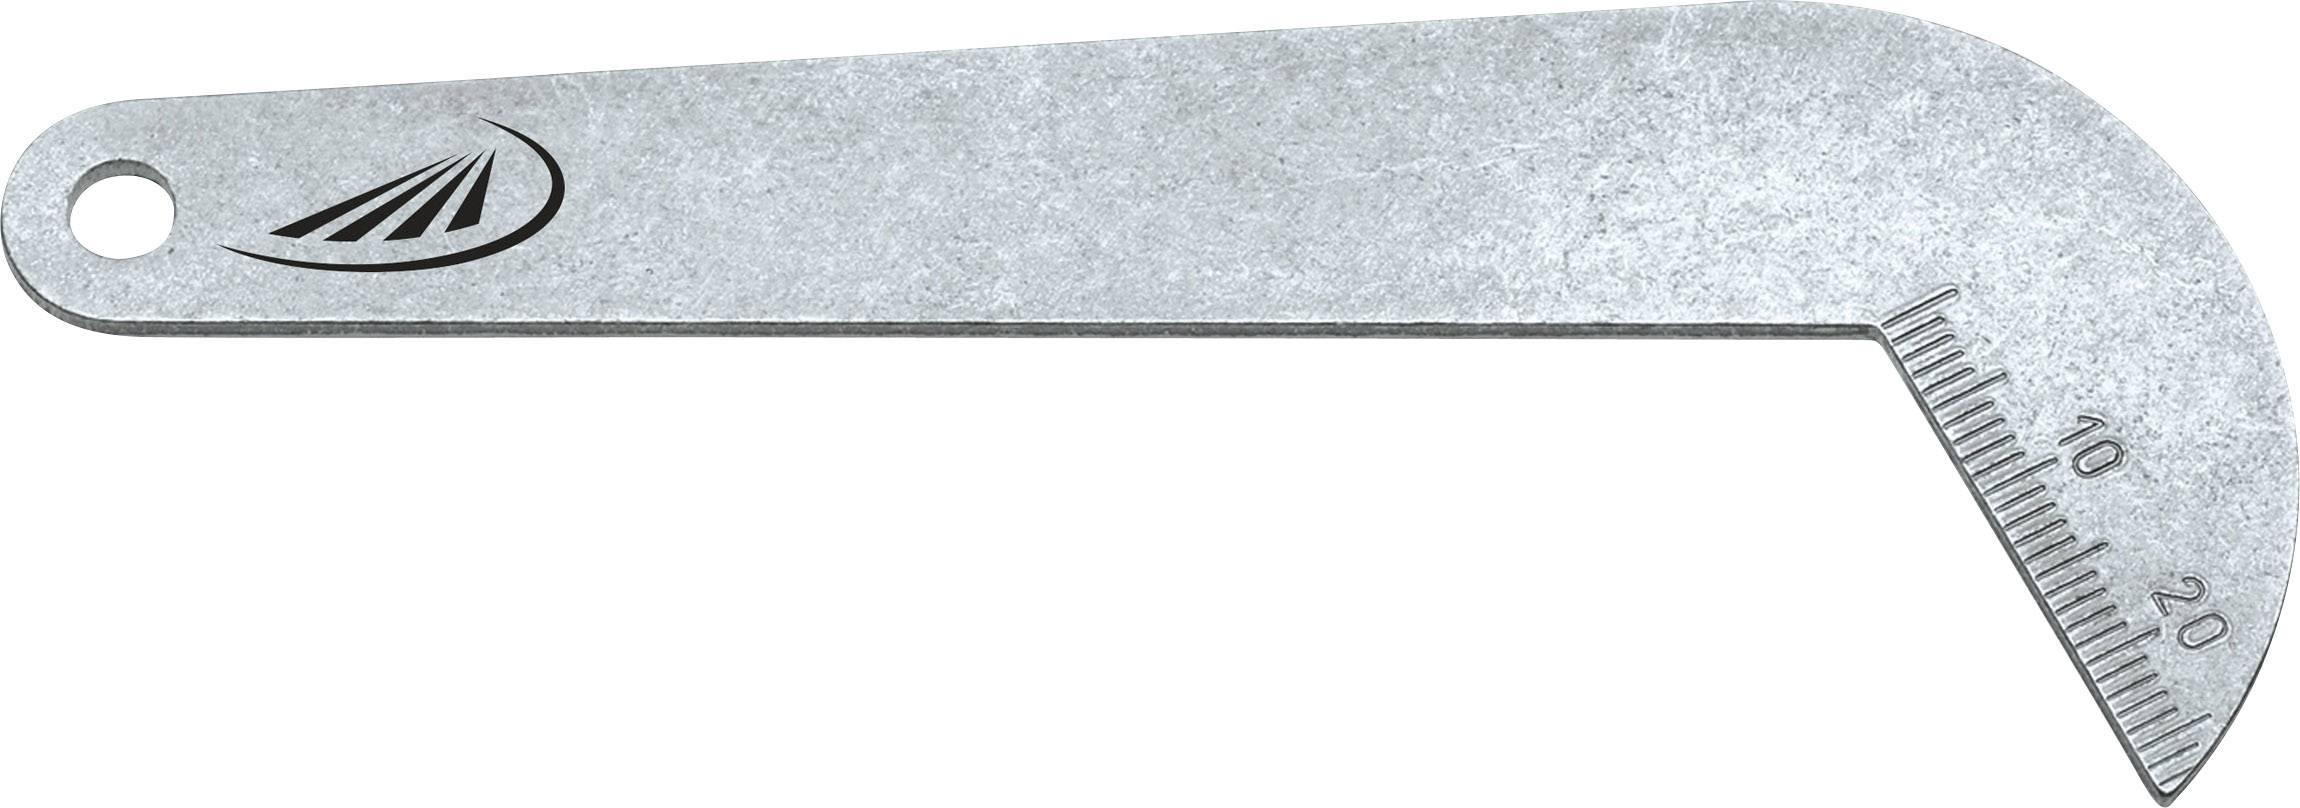 Šablona pro spirálové vrtáky Helios Preisser 0590 101, 50 mm